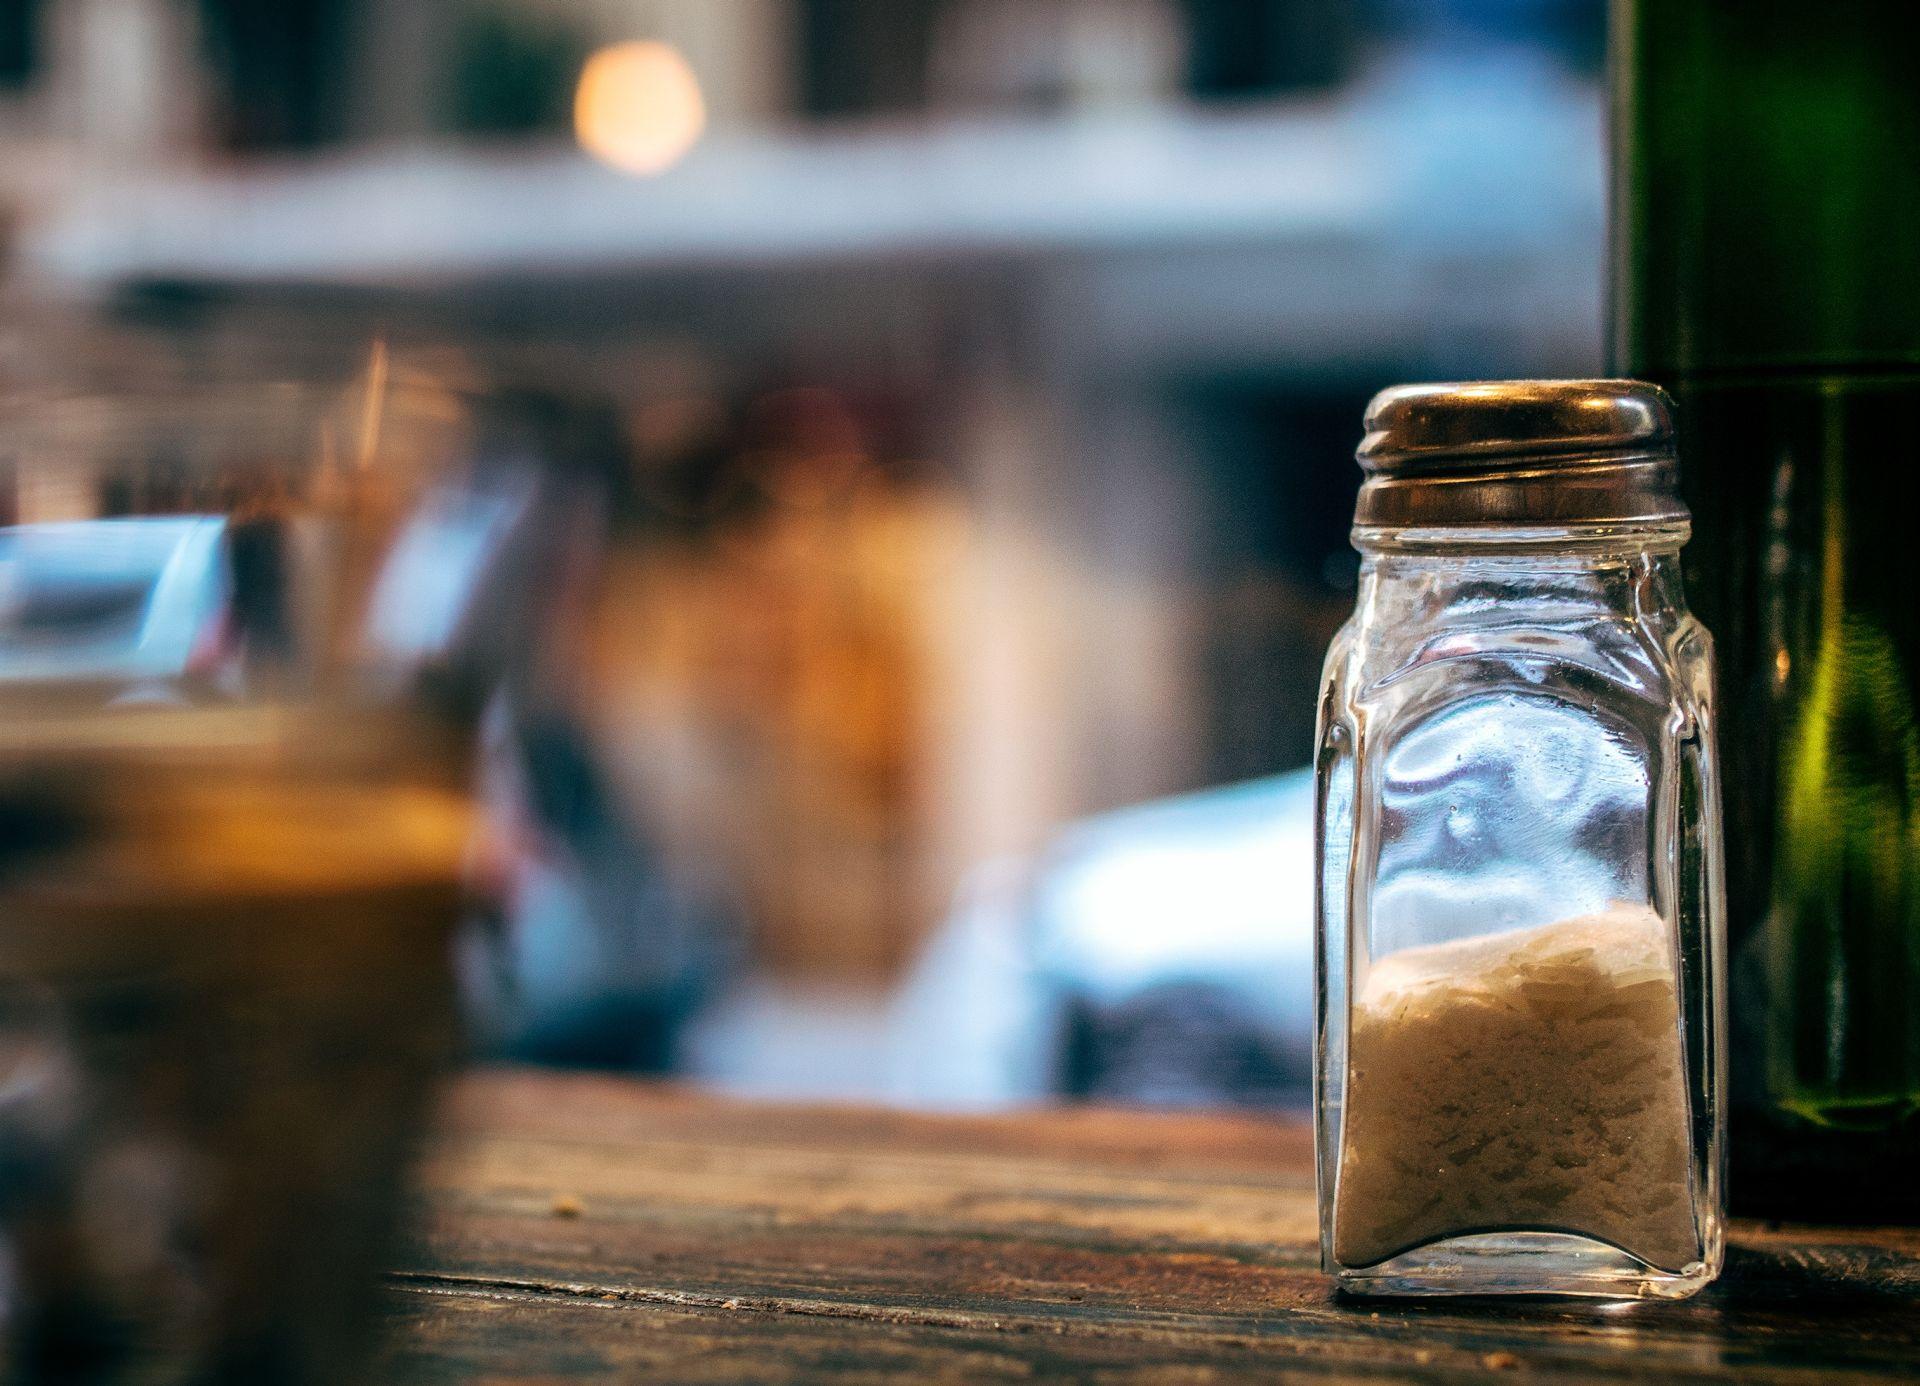 A recomendação da Organização Mundial da Saúde é de consumir, no máximo, 5 gramas de sal por dia. O brasileiro ingere o dobro. Foto: Edi Libedinsky/Unsplash